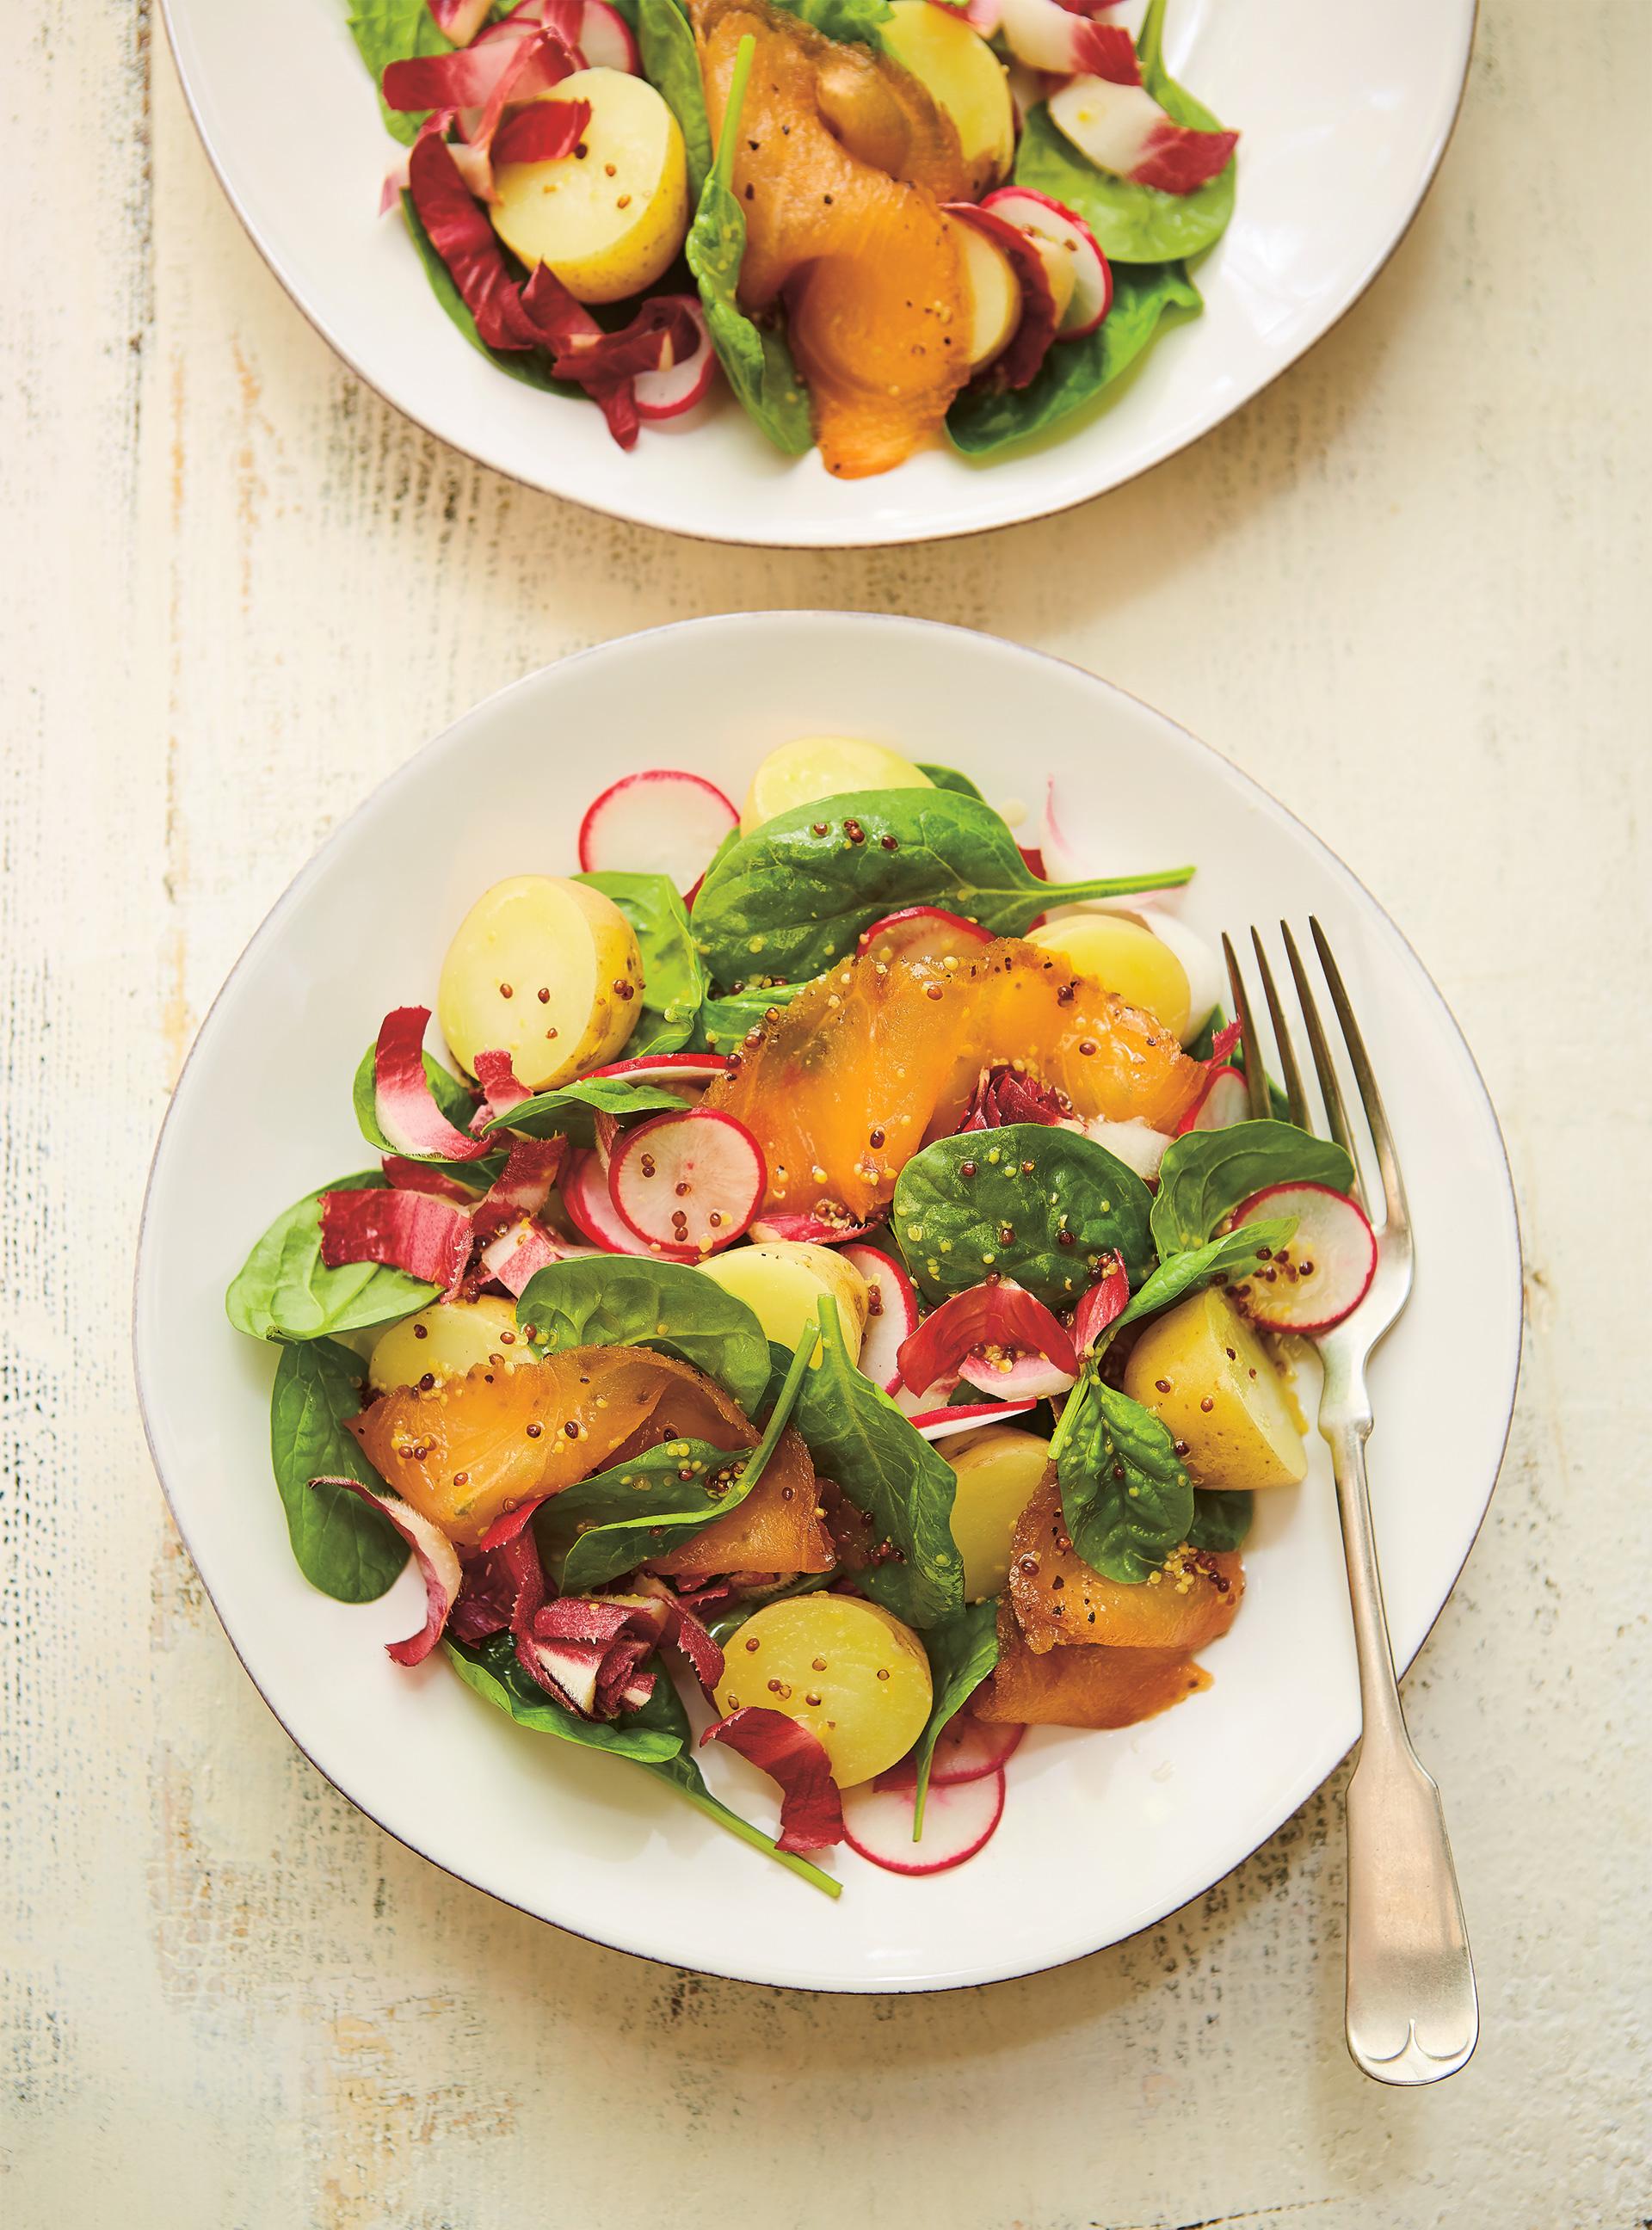 Salade d'endives au saumon fumé et vinaigrette au miel | ricardo